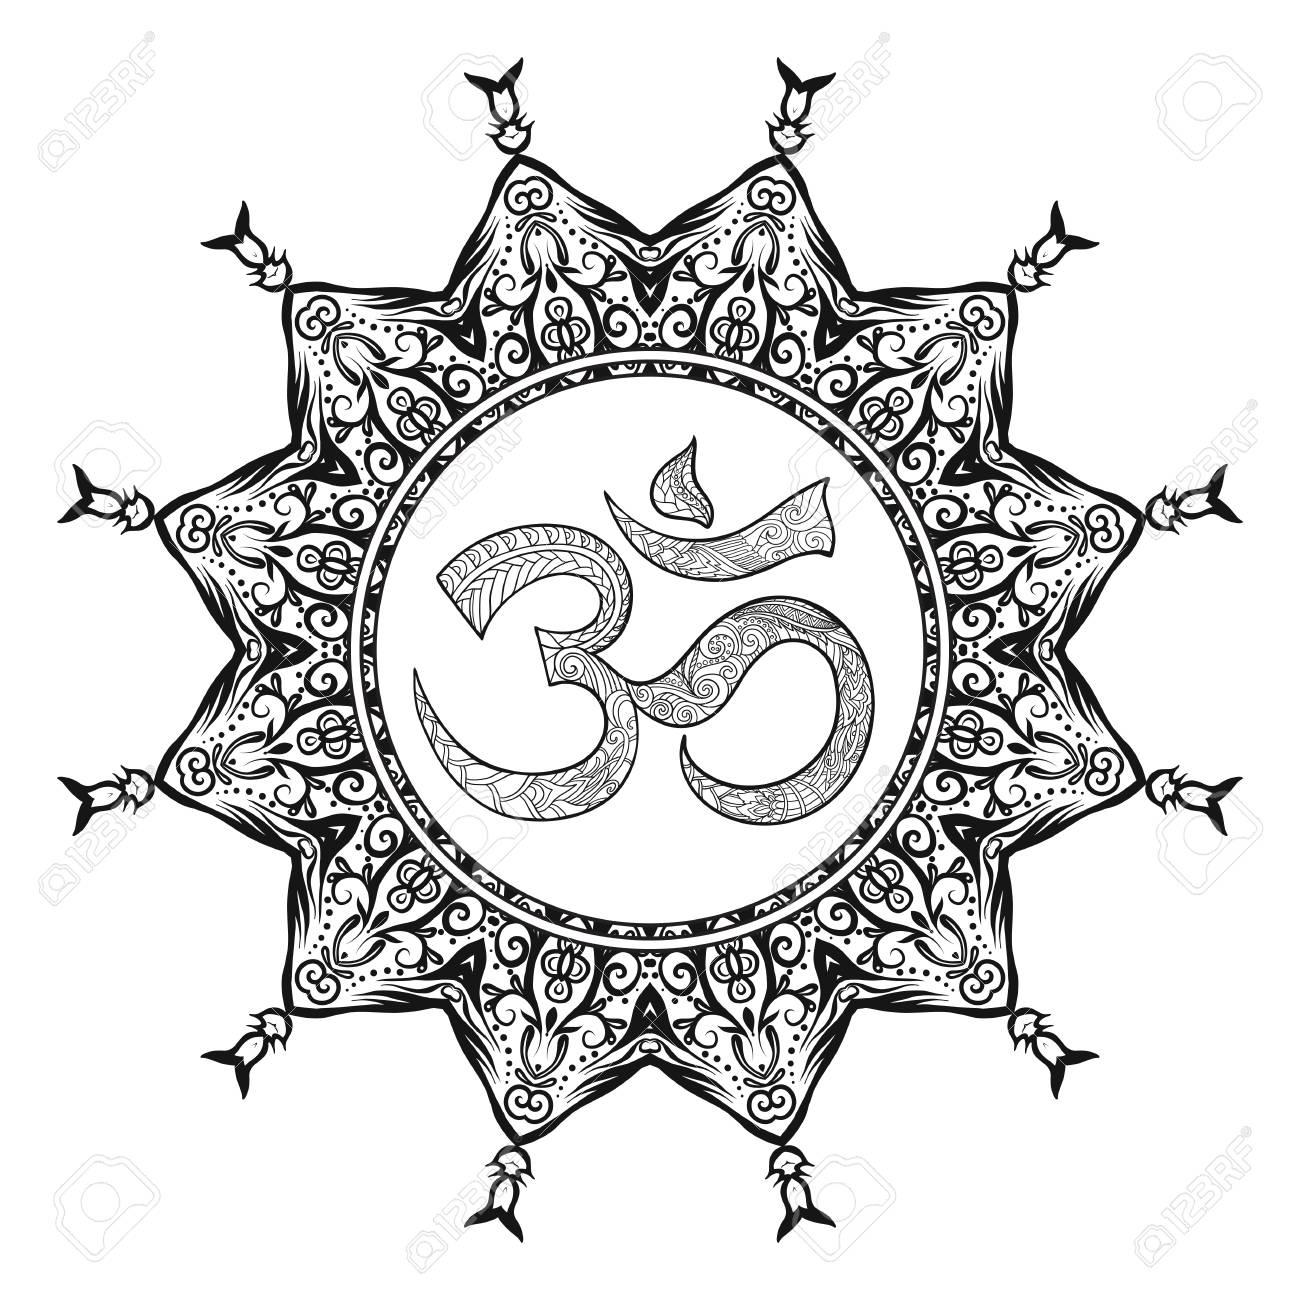 Signo Deco Mandalawith Om Diseño Modelado Del Elemento Amuleto étnico Lucha Contra El Estrés Colorear Libro Para Adultos Esbozar Dibujo Para